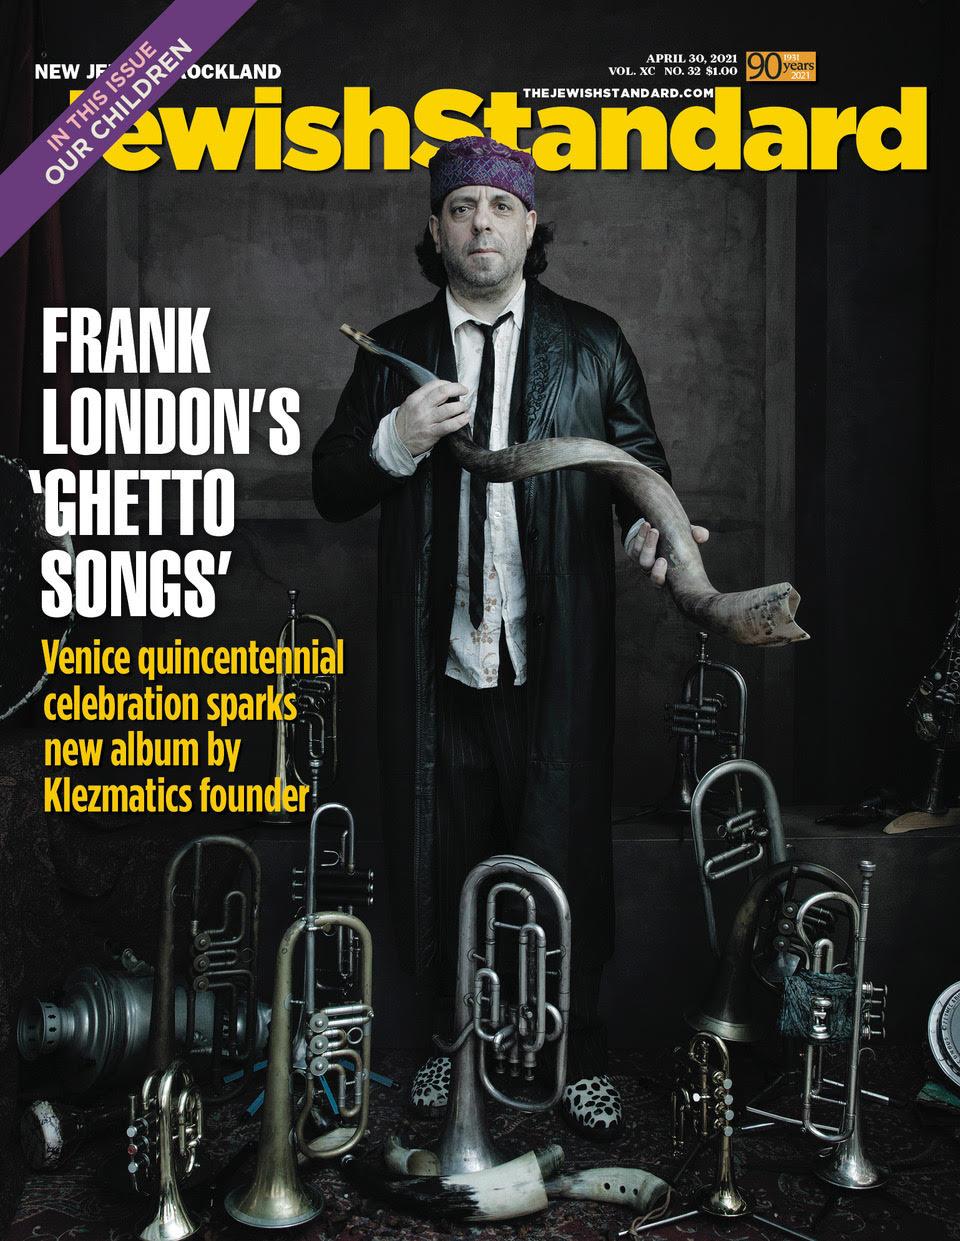 Jewish Standard, April 30, 2021